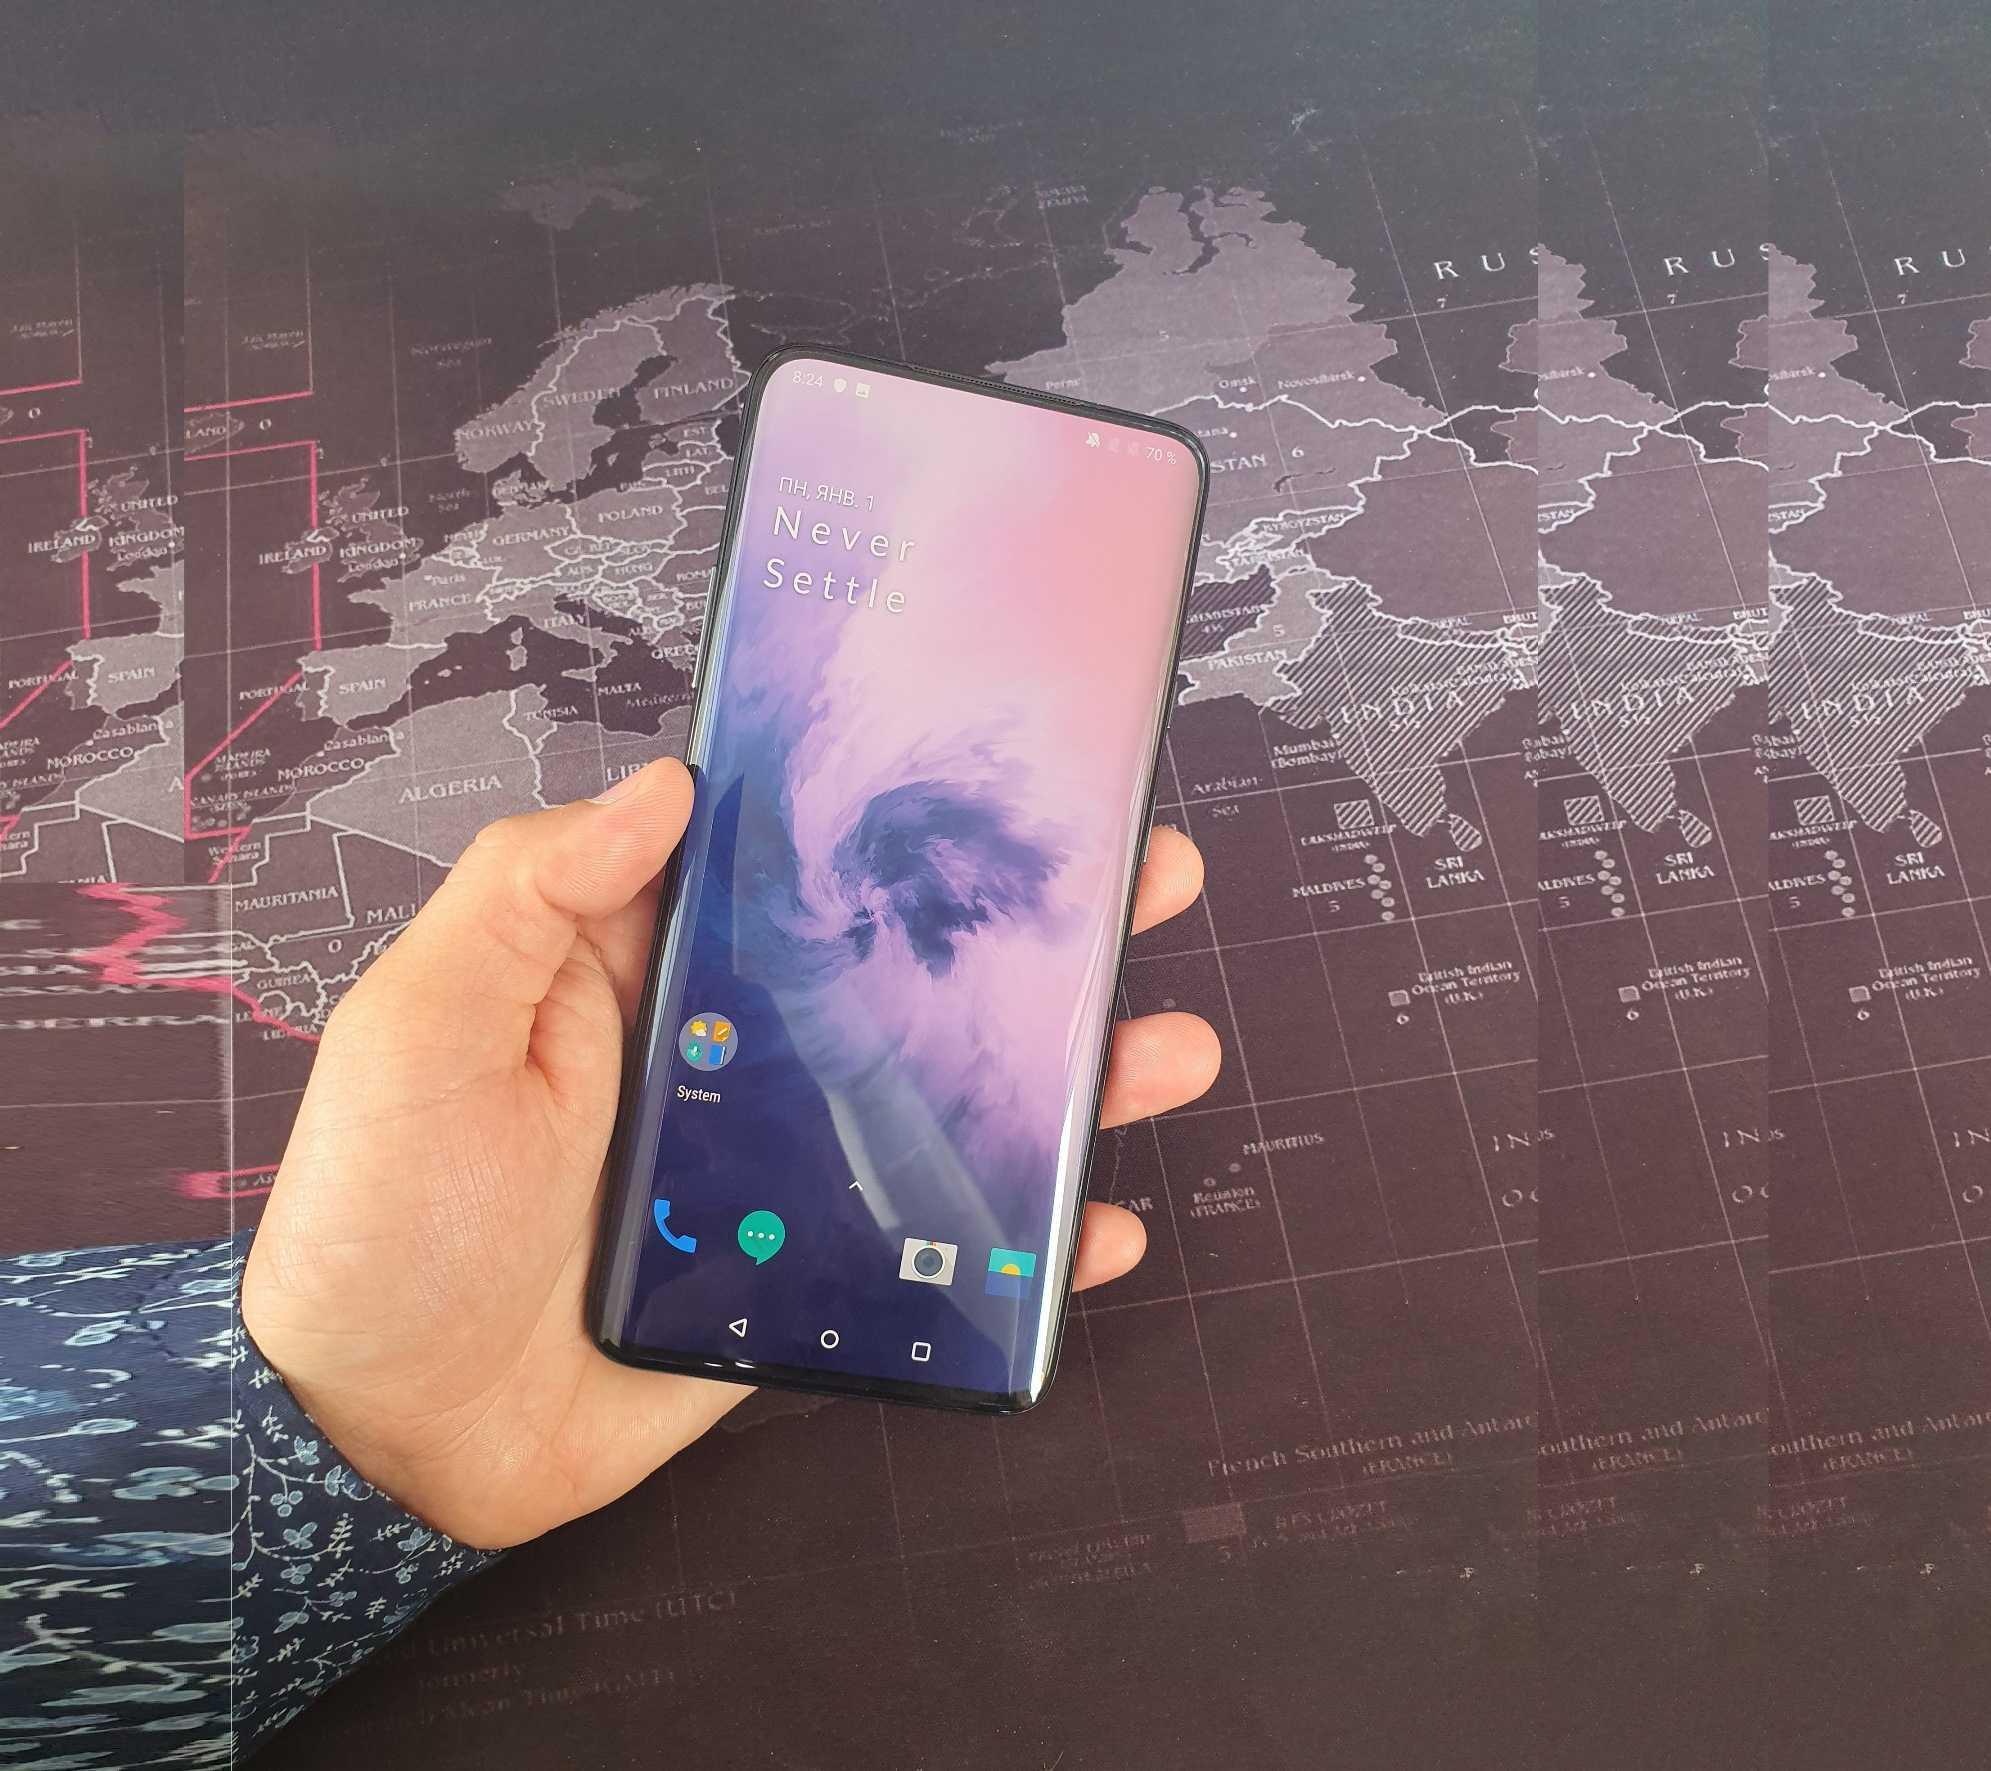 5 лет тому назад компания OnePlus представила на суд общественности свой первый смартфон серии Х с 5-дюймовым экраном и довольно хорошими характеристиками всего на всего